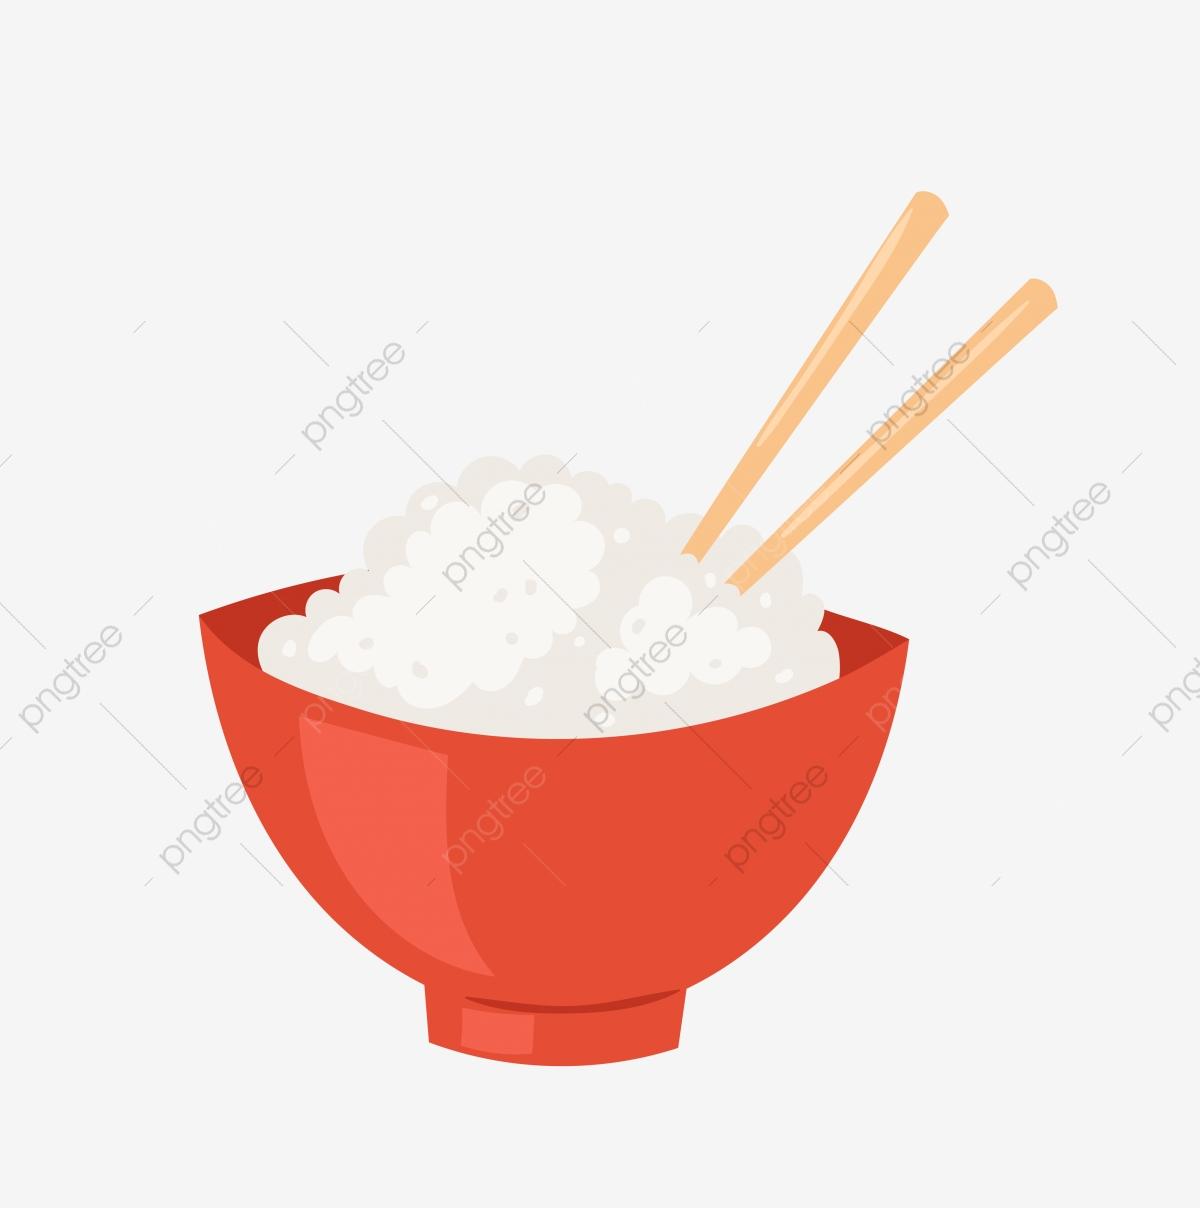 Food cartoon eat png. Chopsticks clipart bowl rice